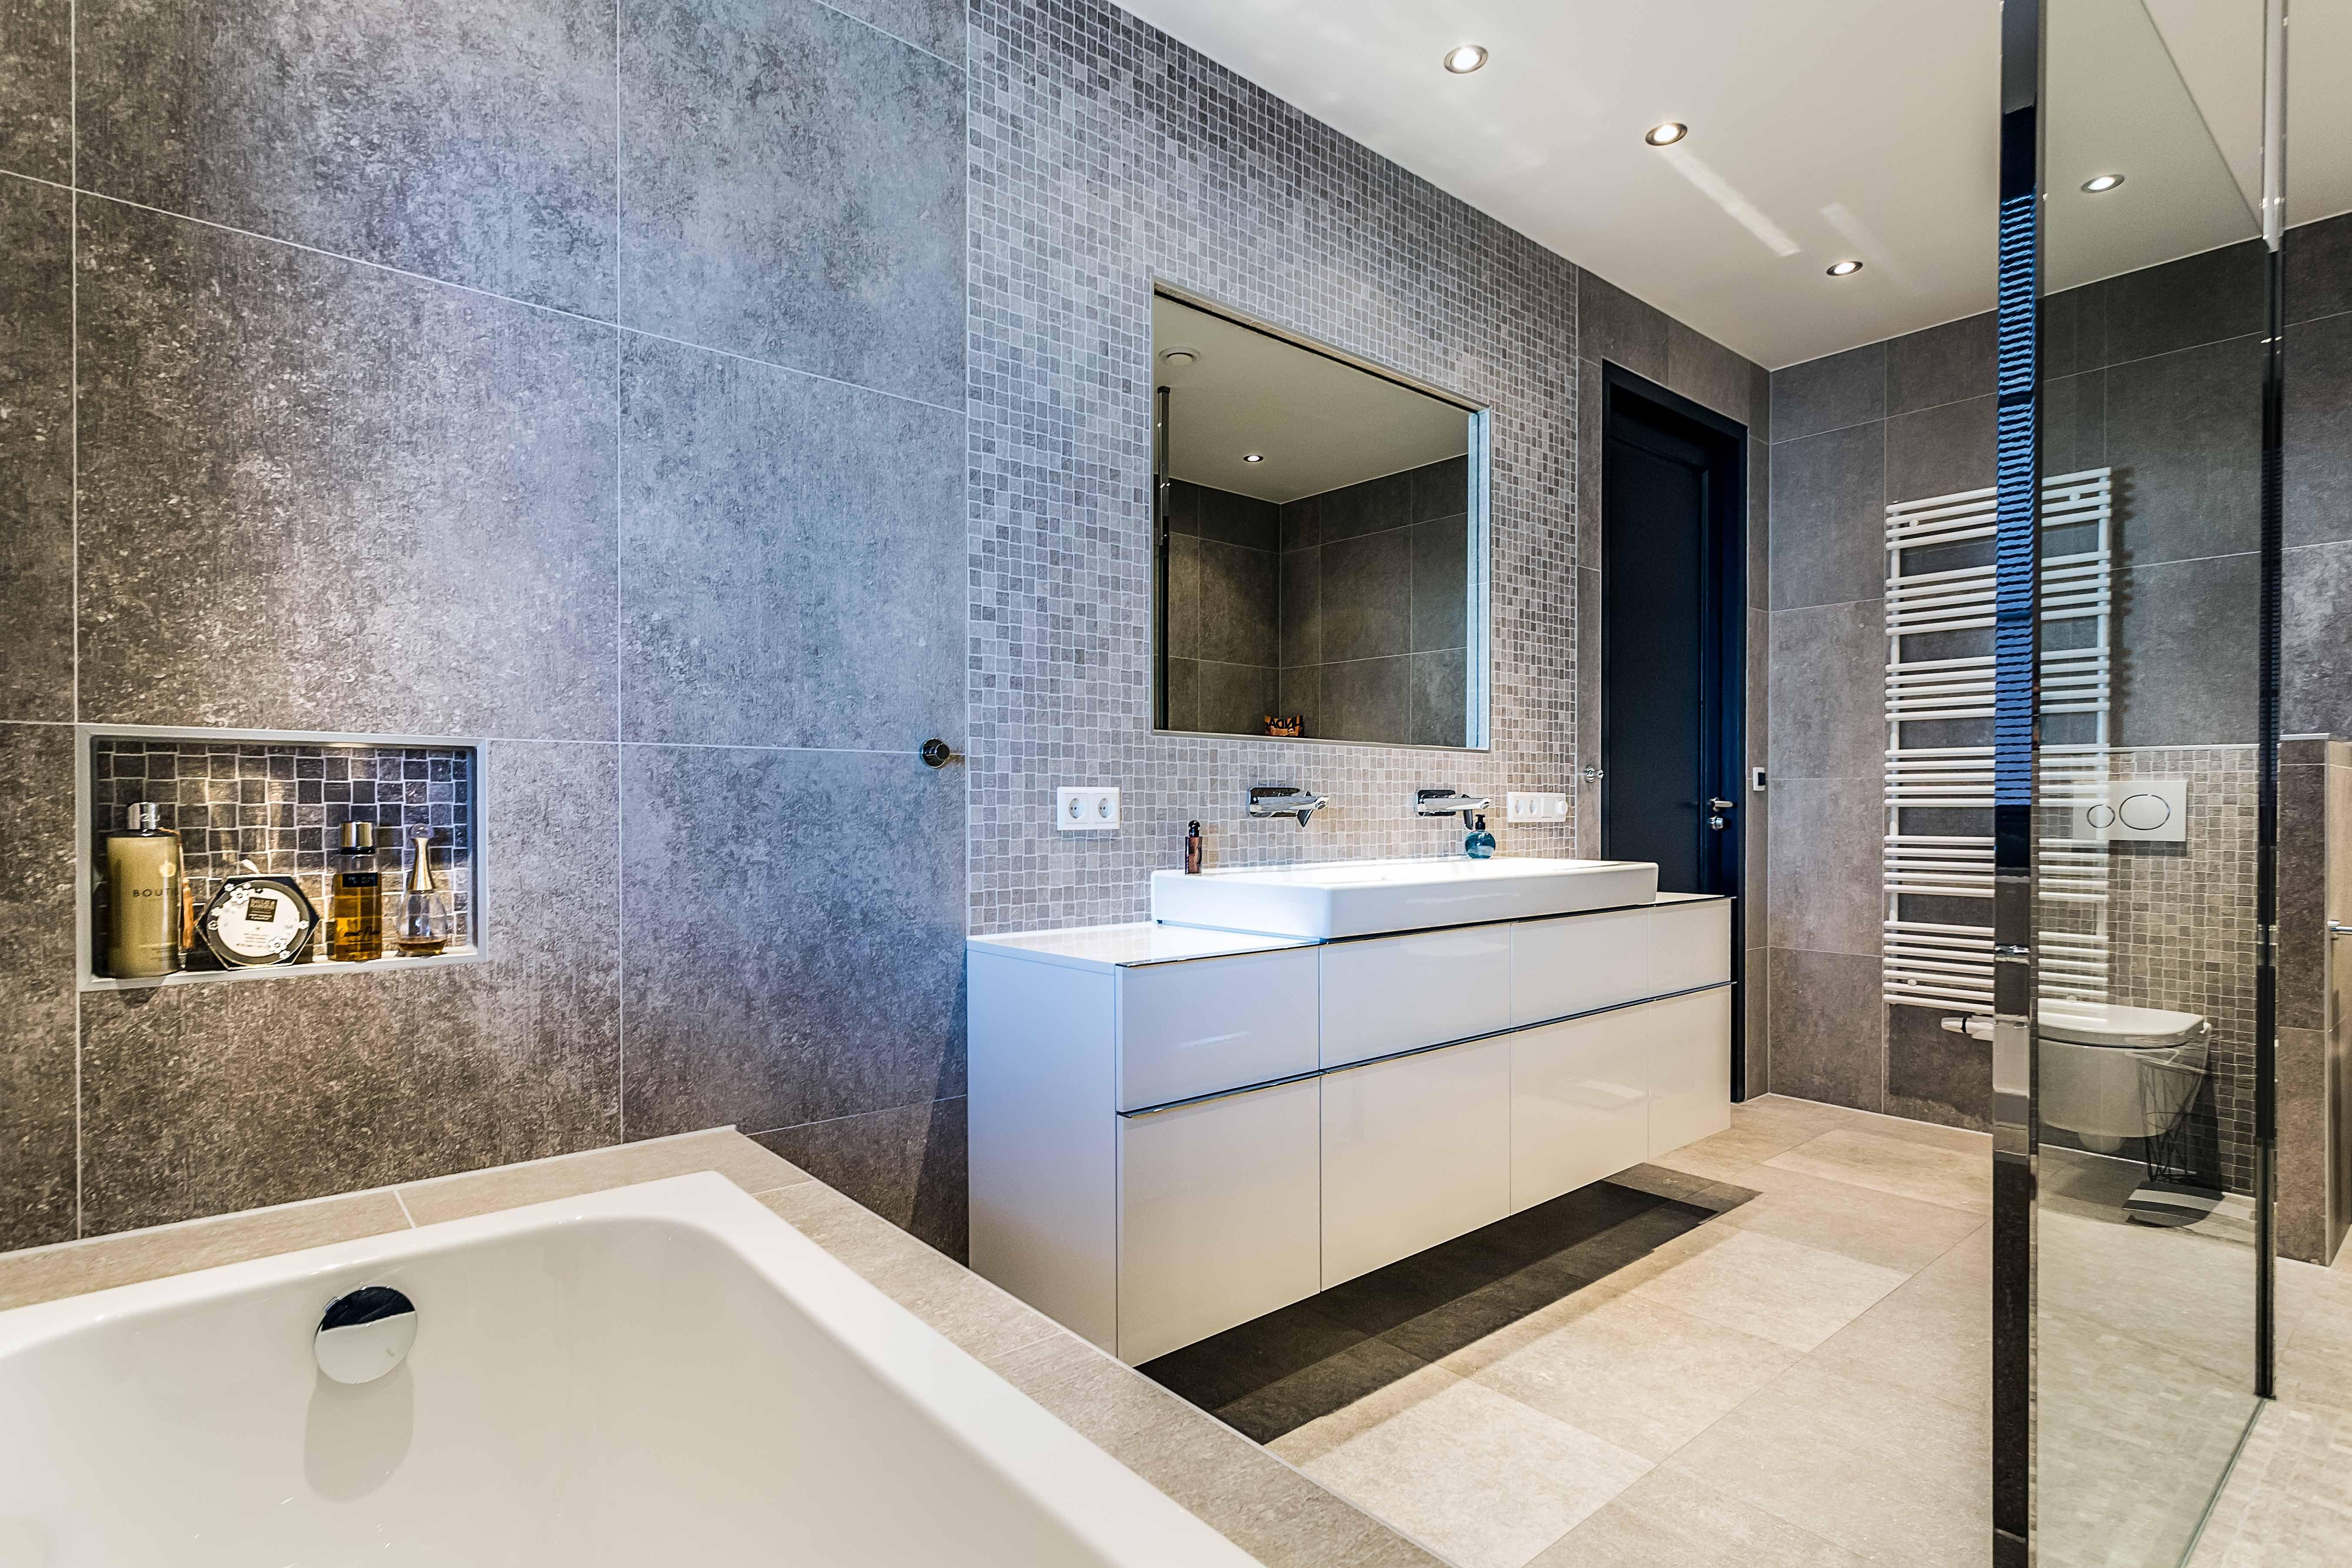 Inloopdouche Met Wasmeubel : Prachtige badkamer met inloopdouche grijze tegel. modern en toch